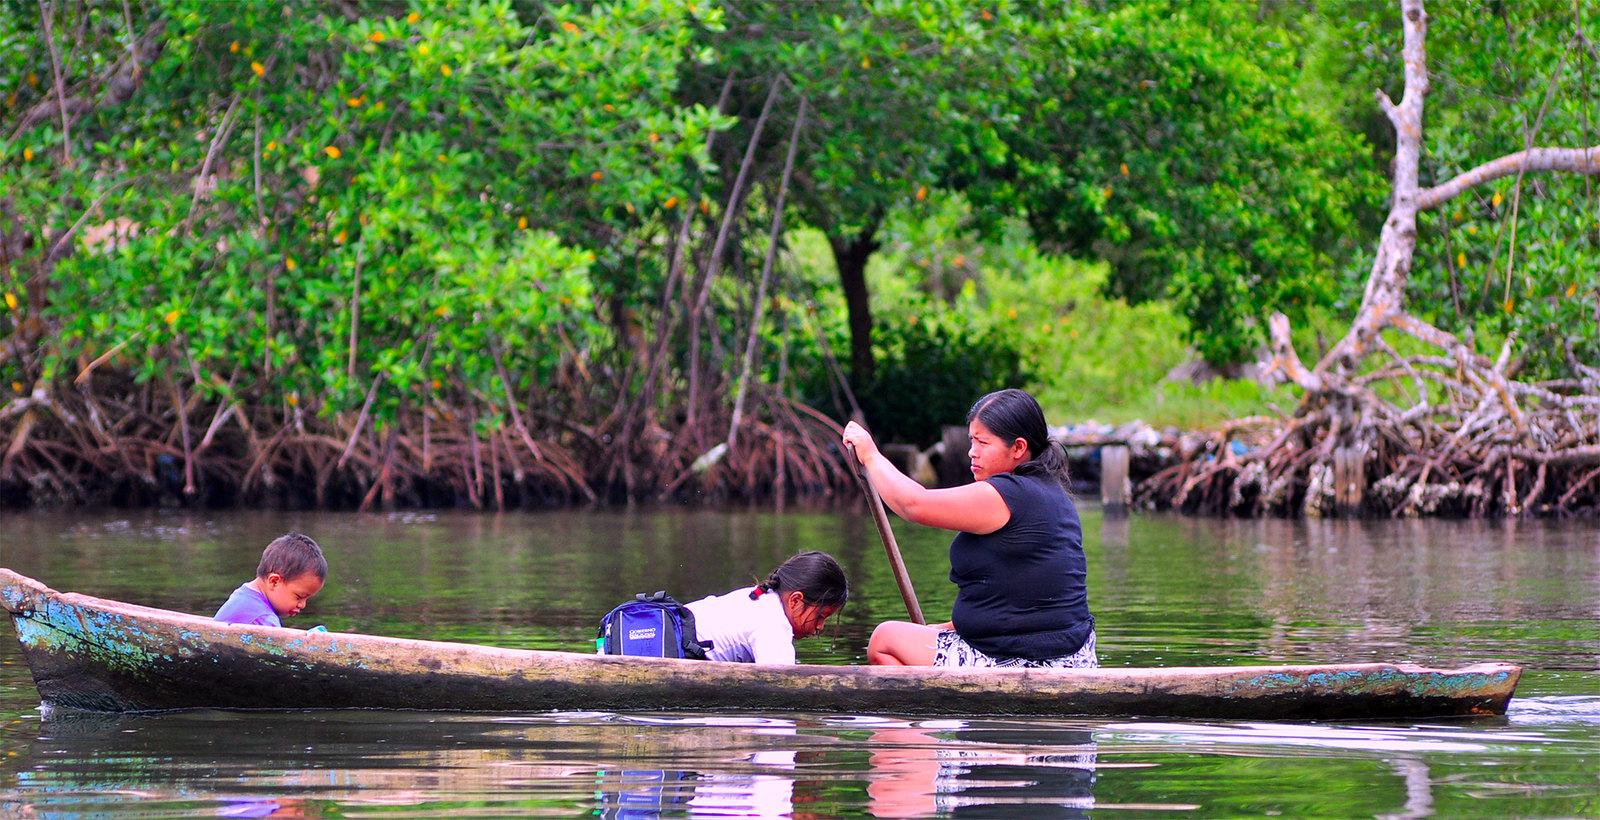 Viajar a Costa Rica / Ruta por Costa Rica en 3 semanas ruta por costa rica - 24377761908 bcd2707d51 h - Ruta por Costa Rica en 3 semanas